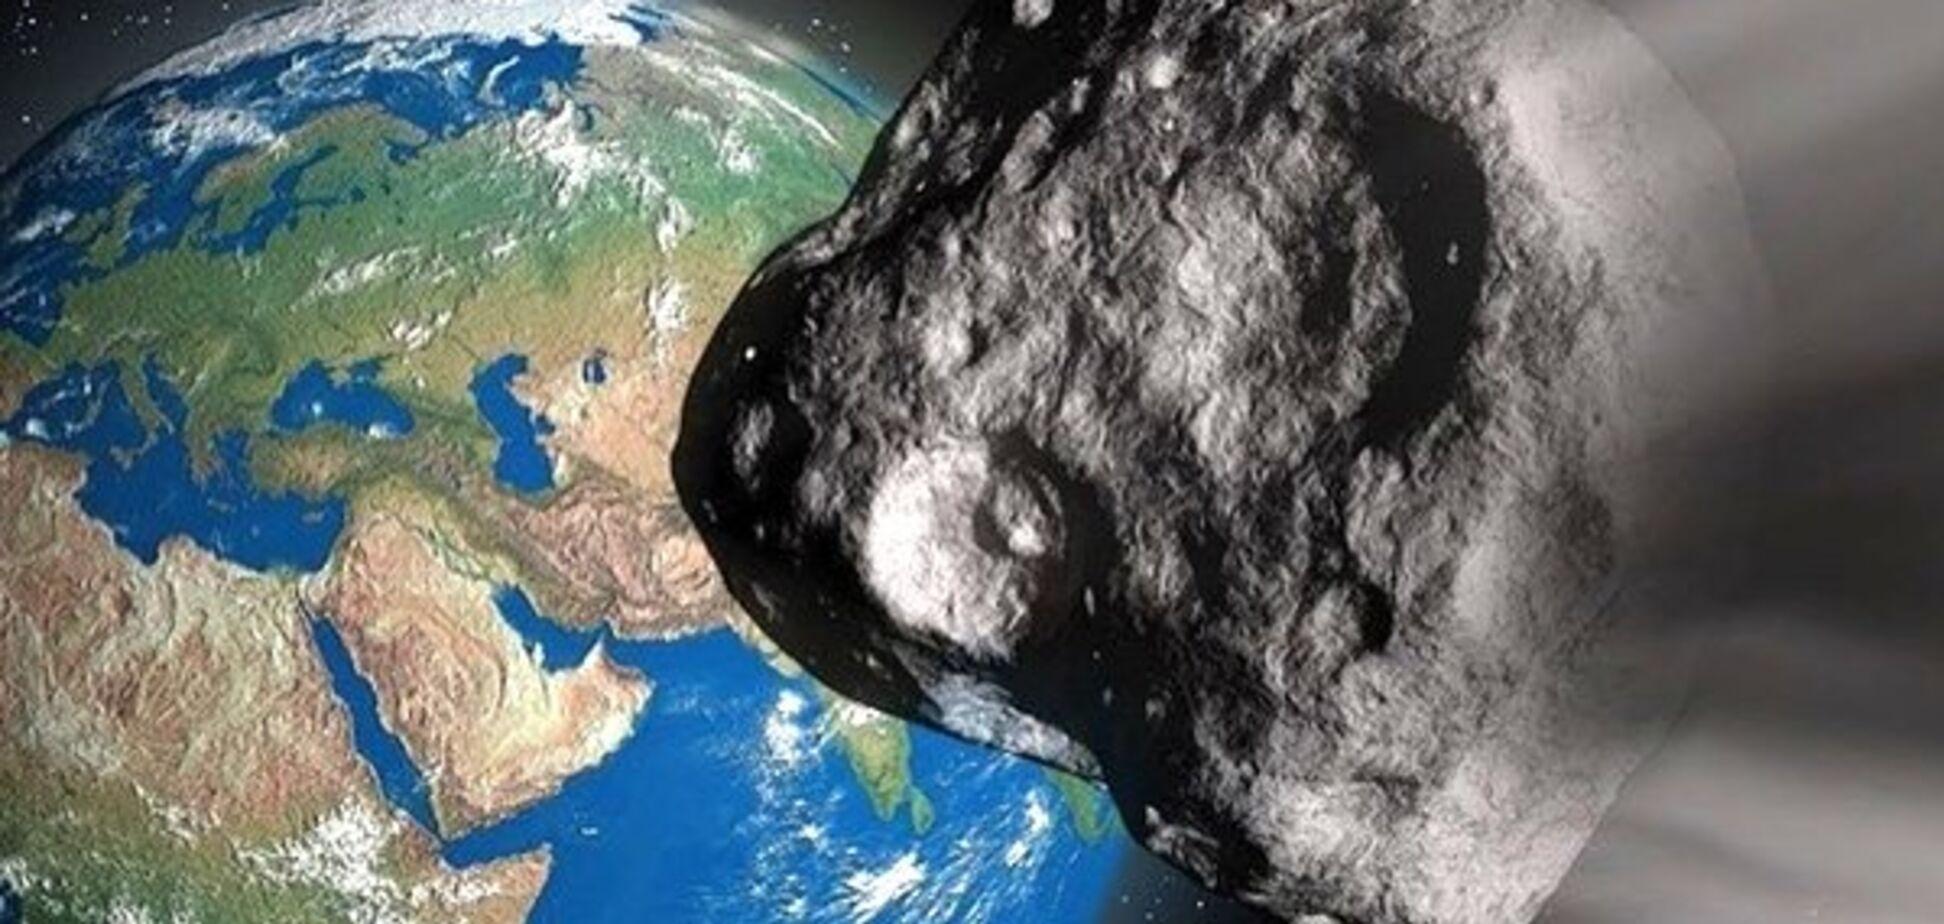 К Земле неумолимо приближаются 4 огромных астероида: названы даты 'столкновений'